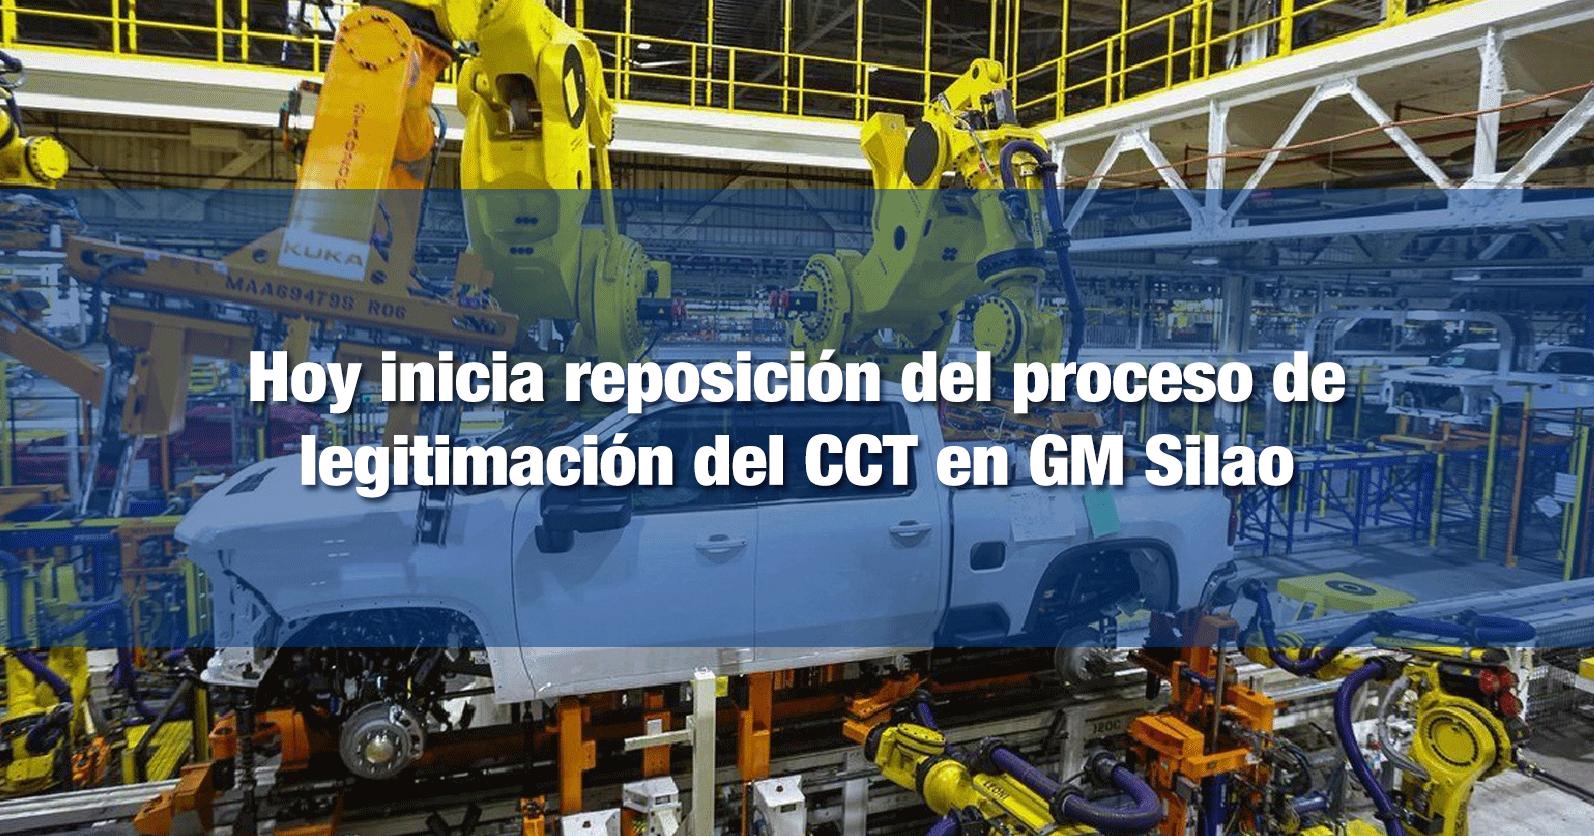 Hoy inicia reposición del proceso de legitimación del CCT en GM Silao